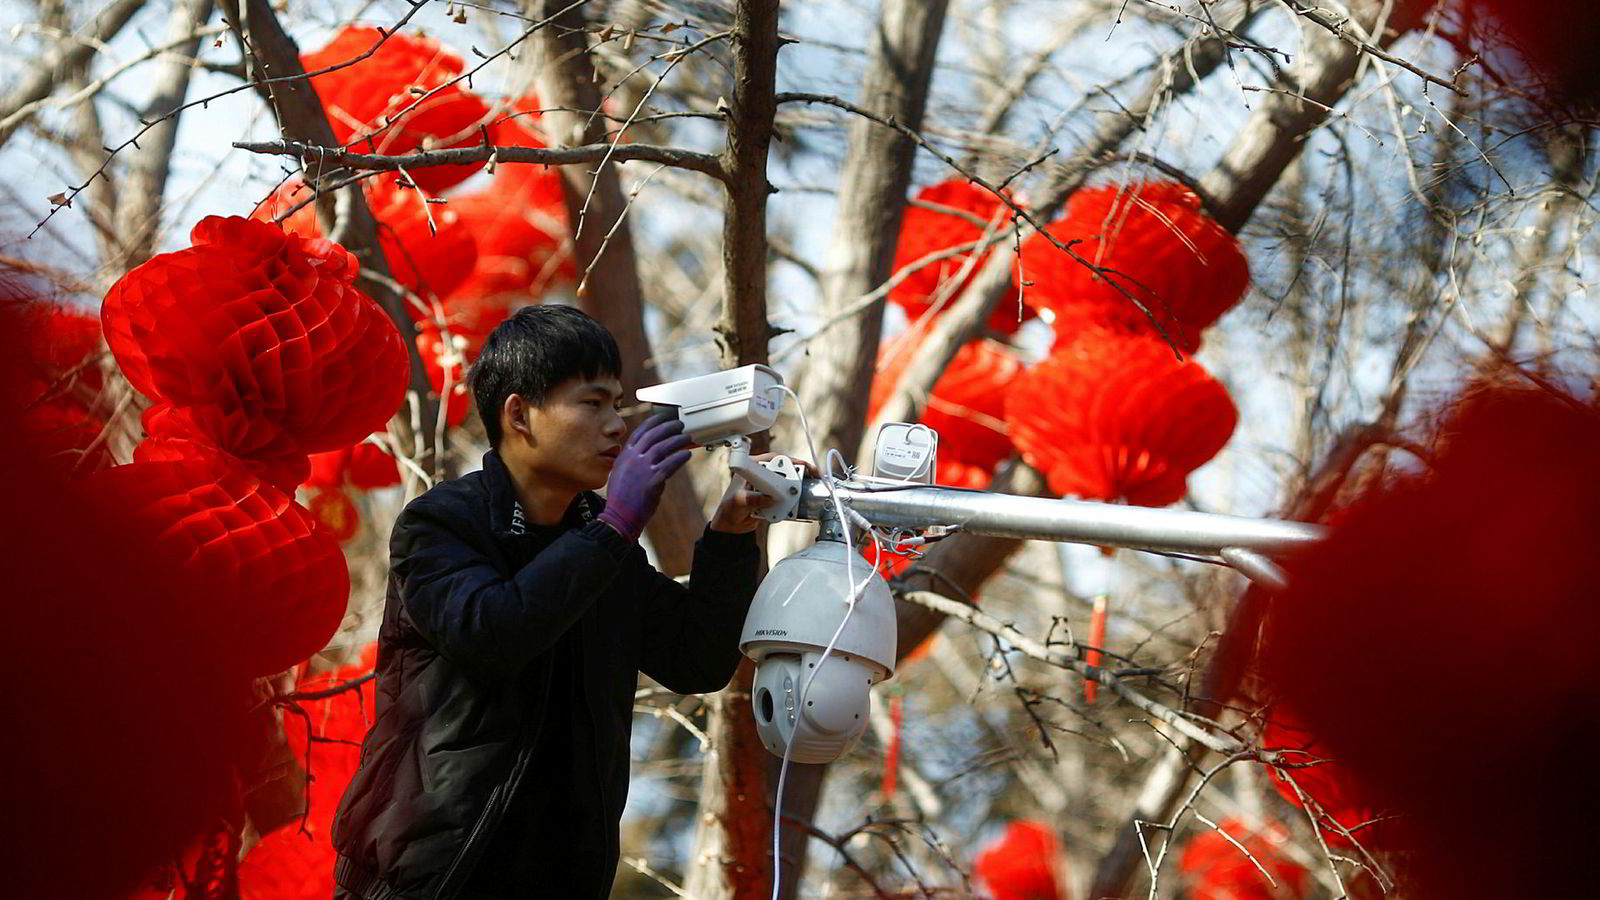 Ved inngangen til 2018 var det 170 millioner overvåkningskameraer i Kina. Antallet skal tredobles innen 2020.